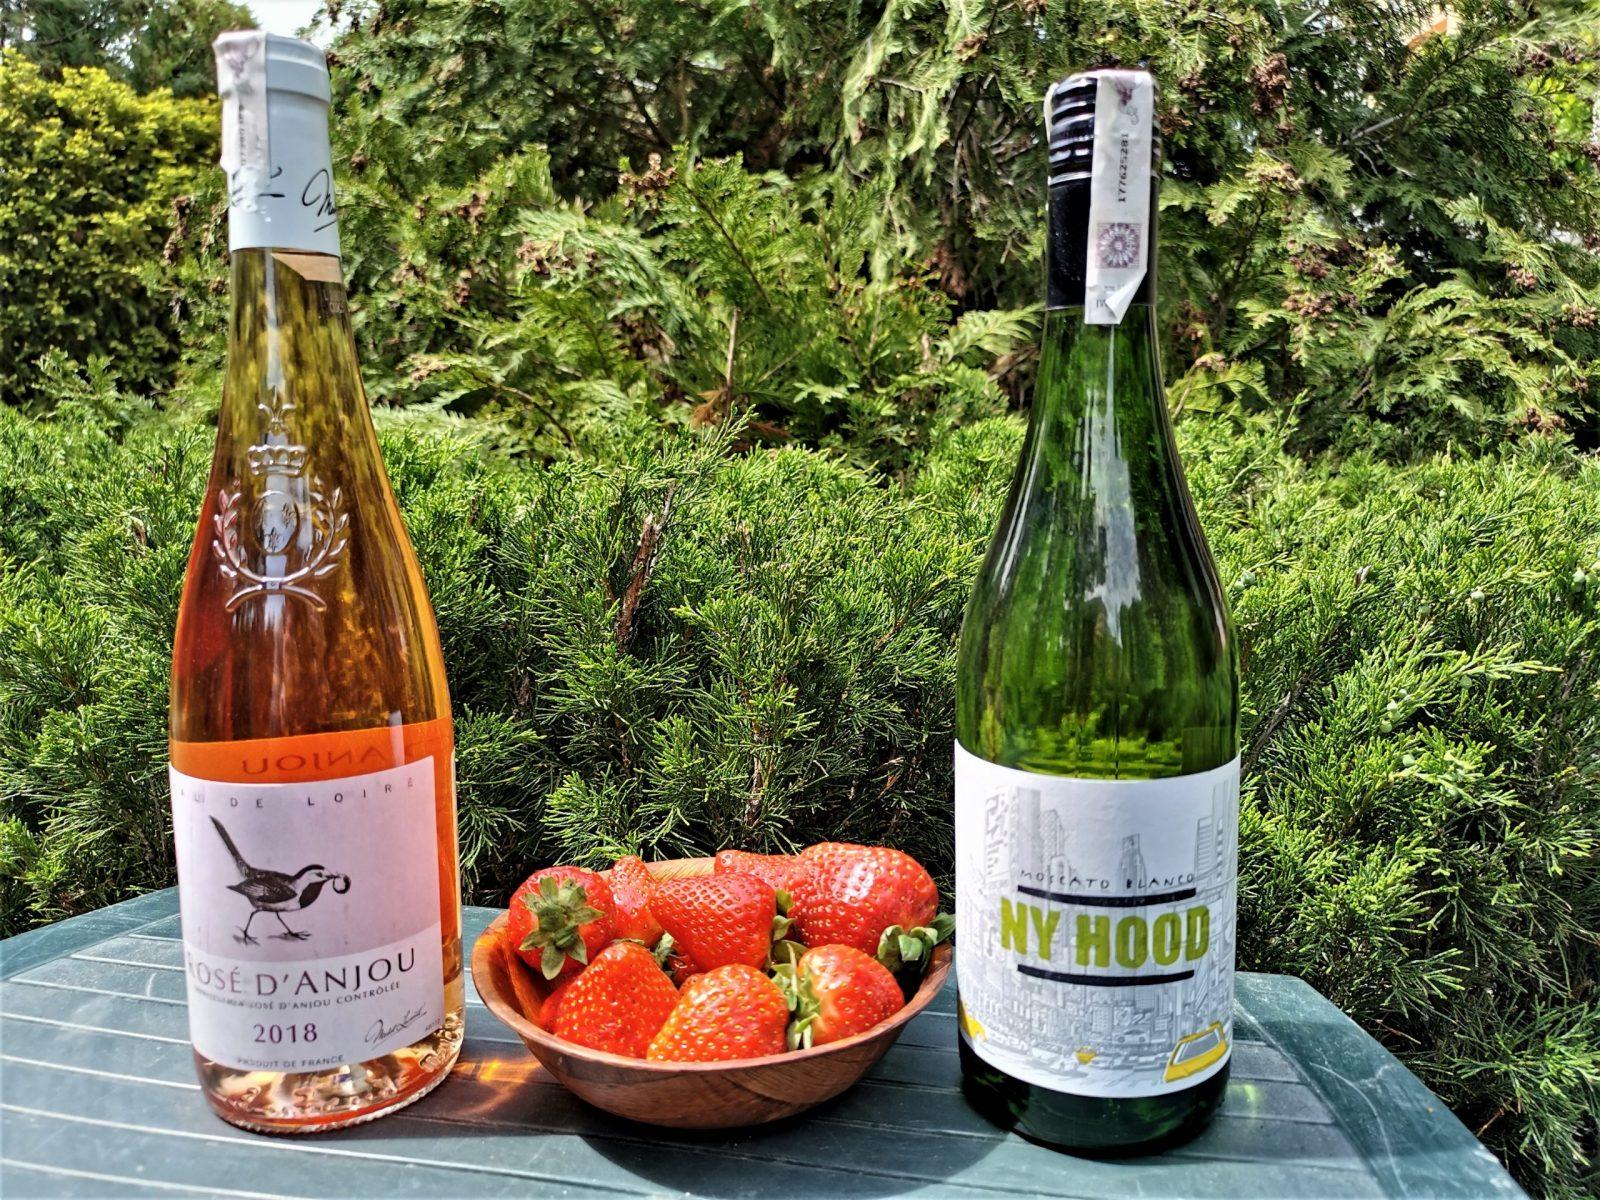 Muscat, najlepsze wino do truskawek